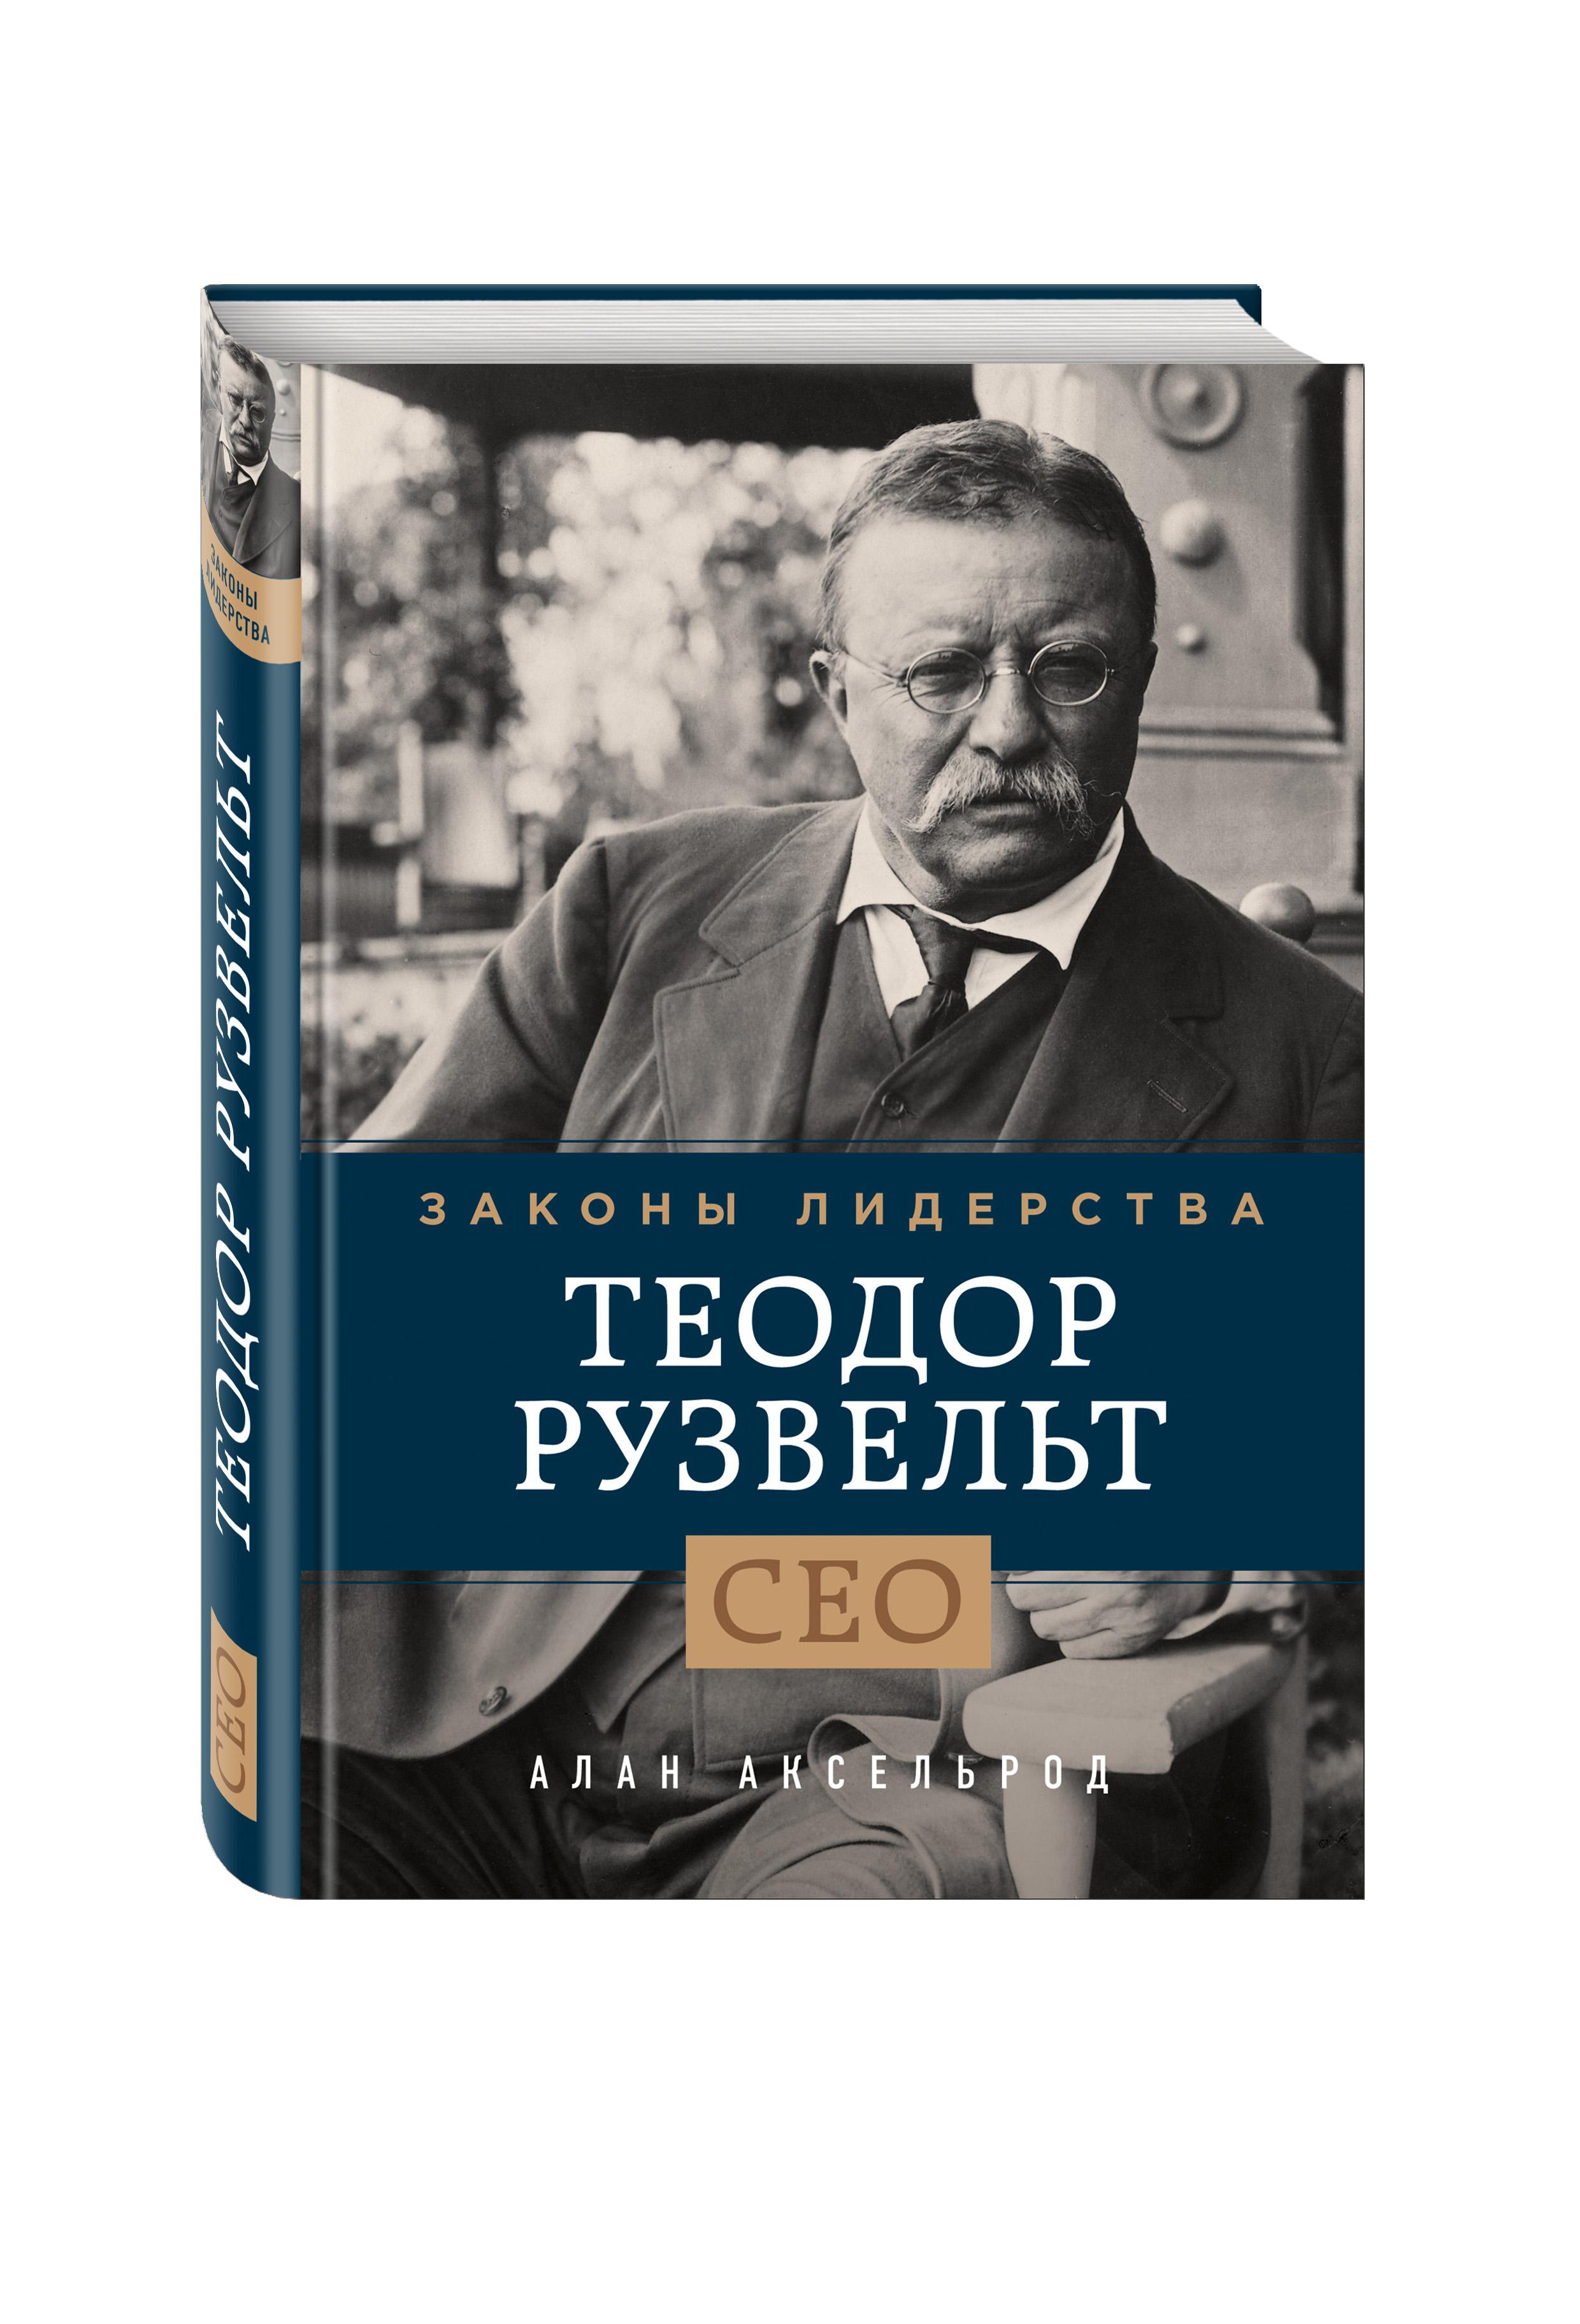 Теодор Рузвельт. Законы лидерства